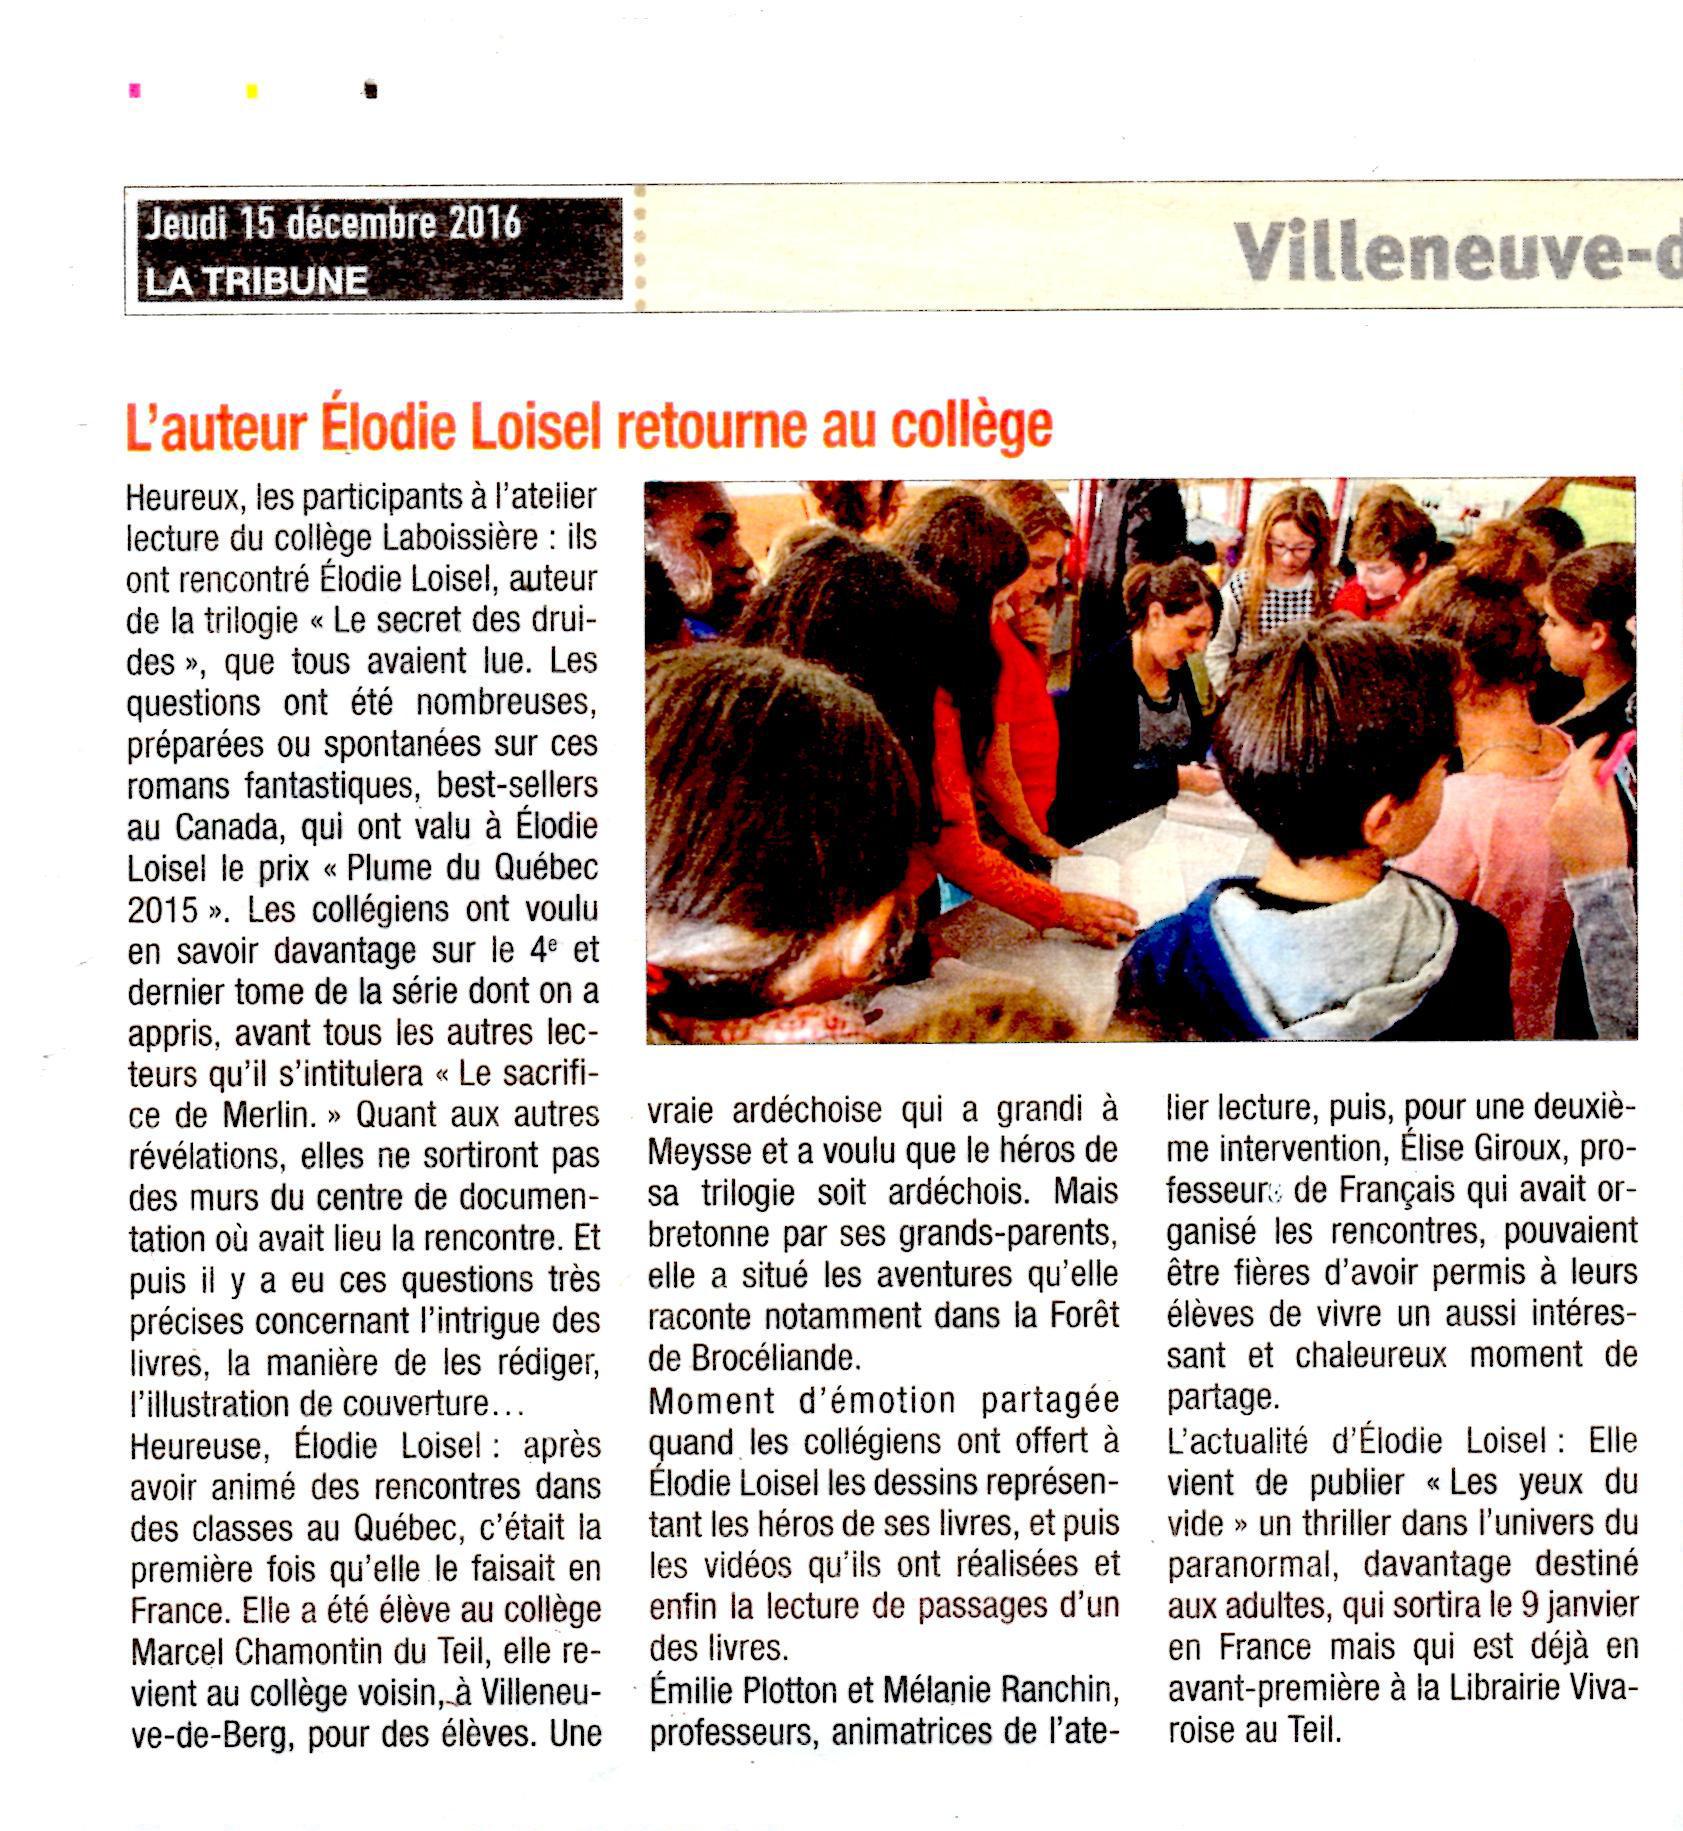 Collège Laboissière Elodie Loisel Auteur